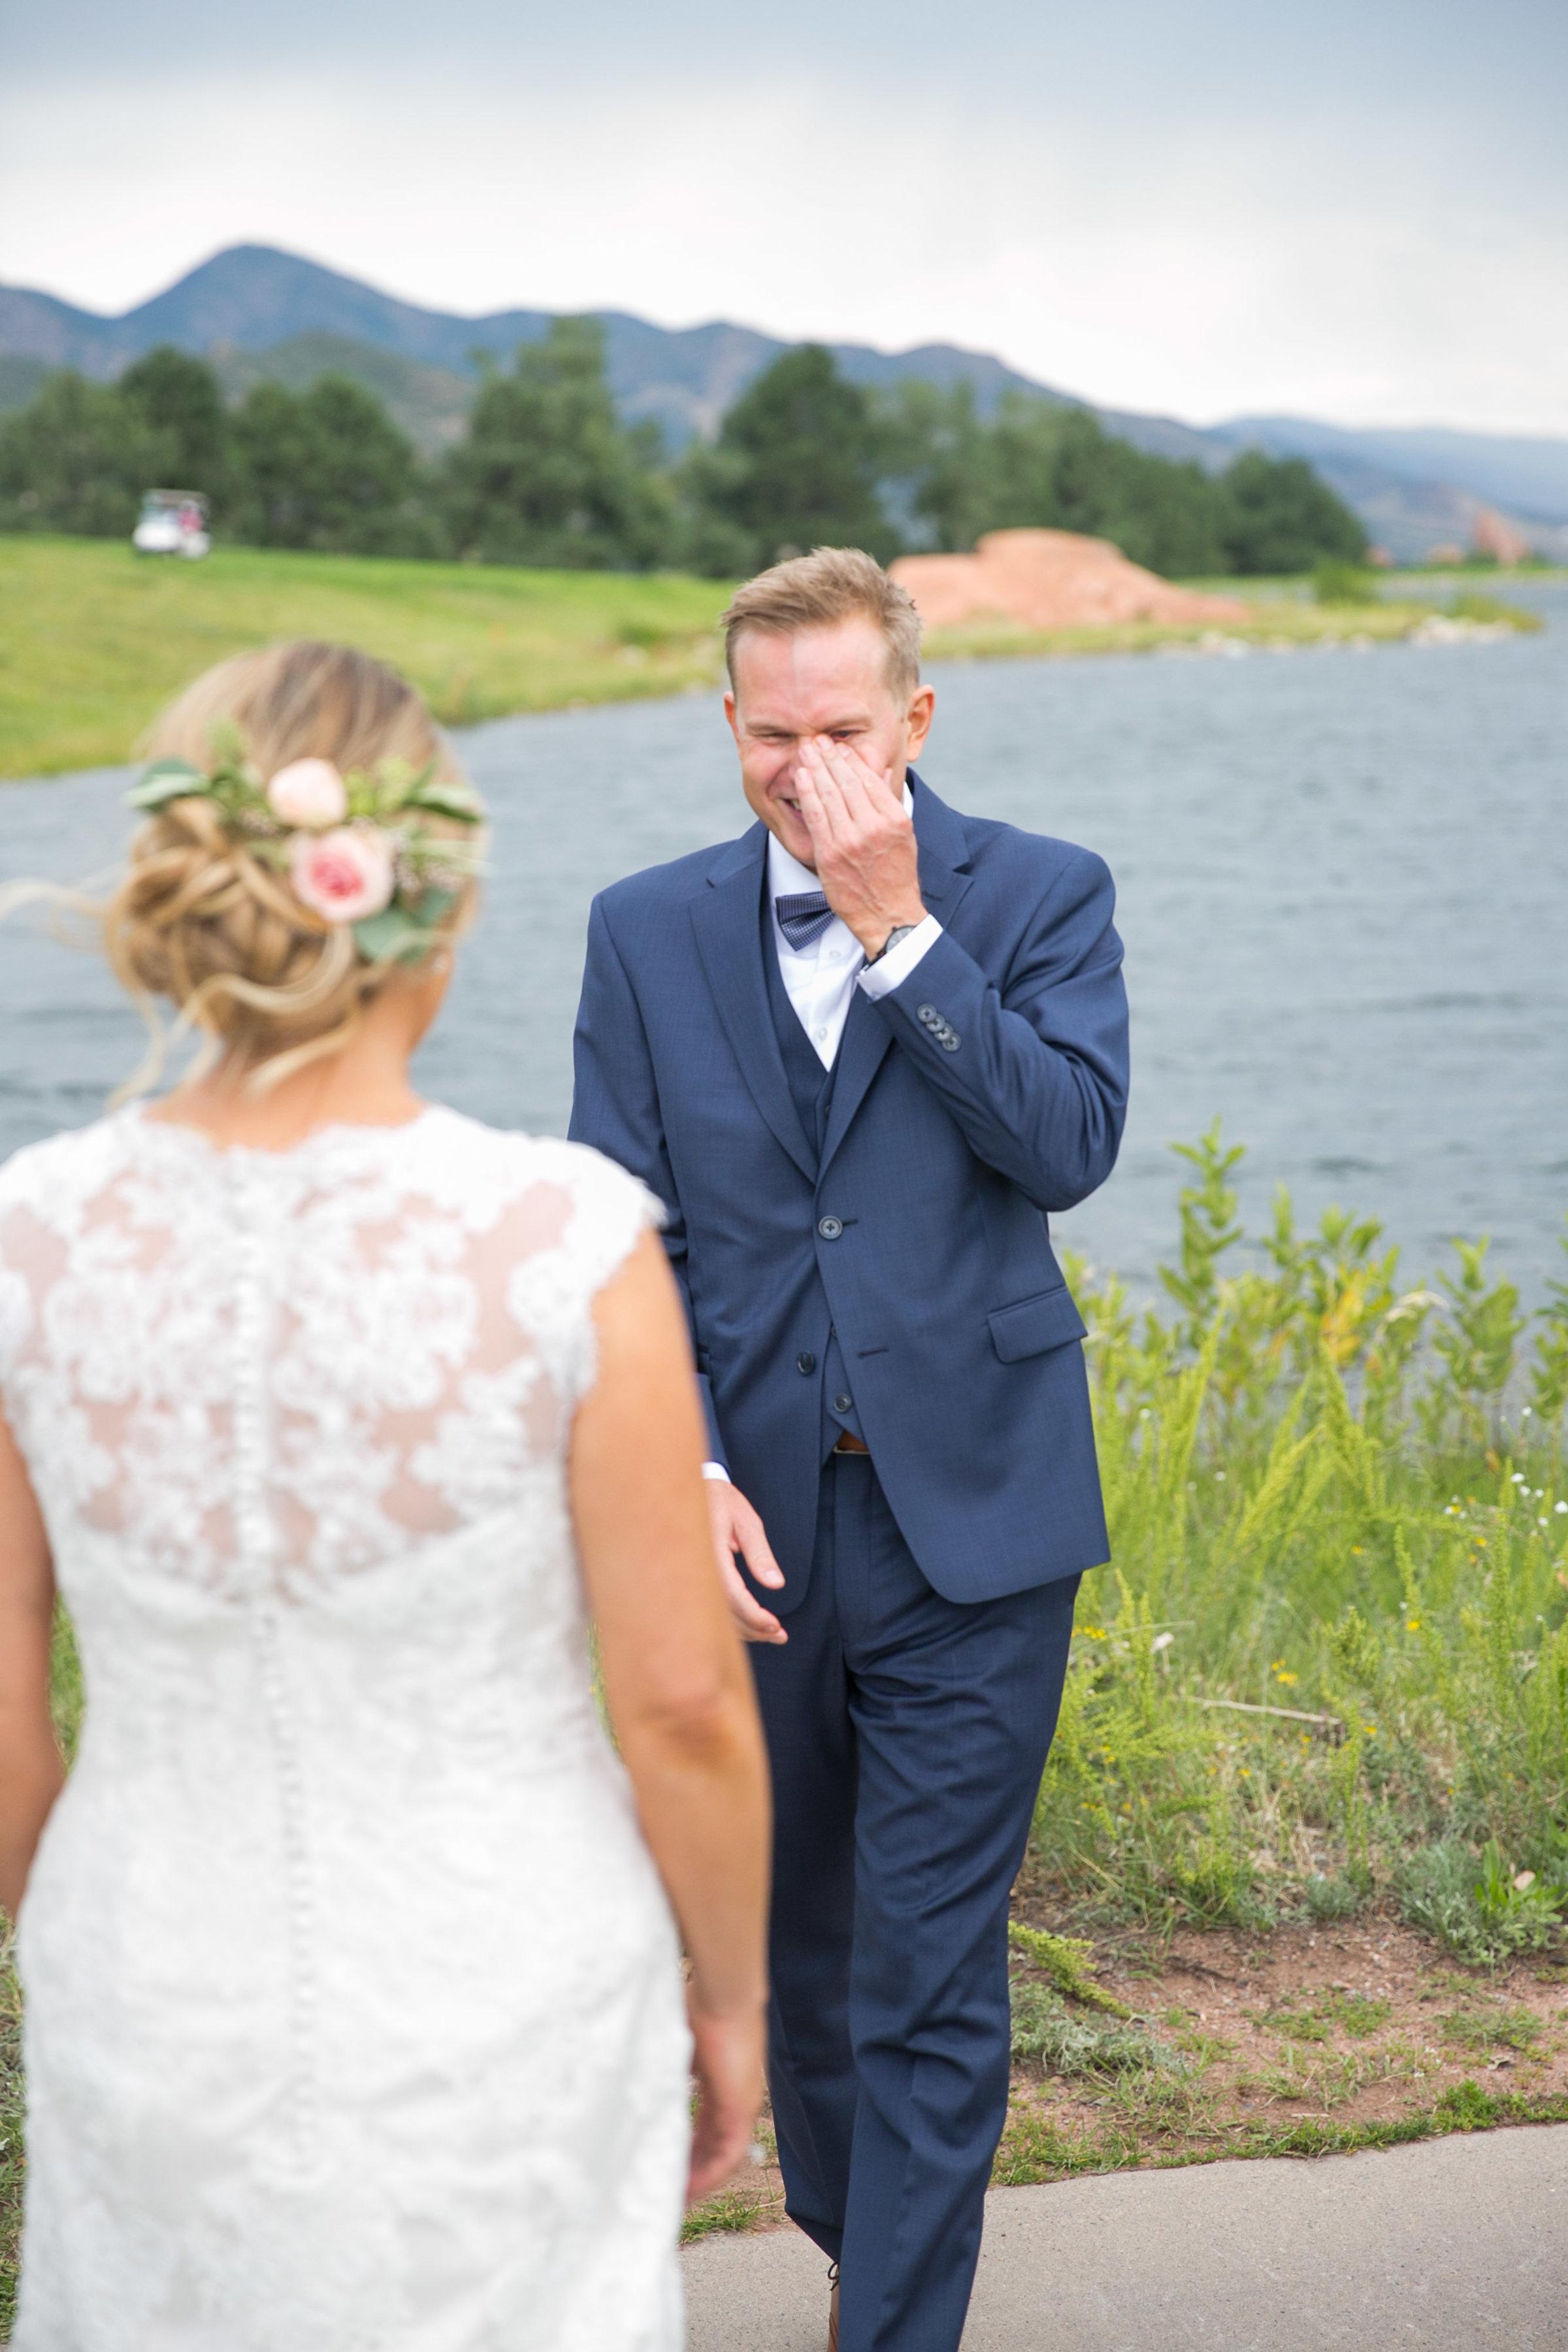 wedding-hairstylist-colorado-bride-beauty